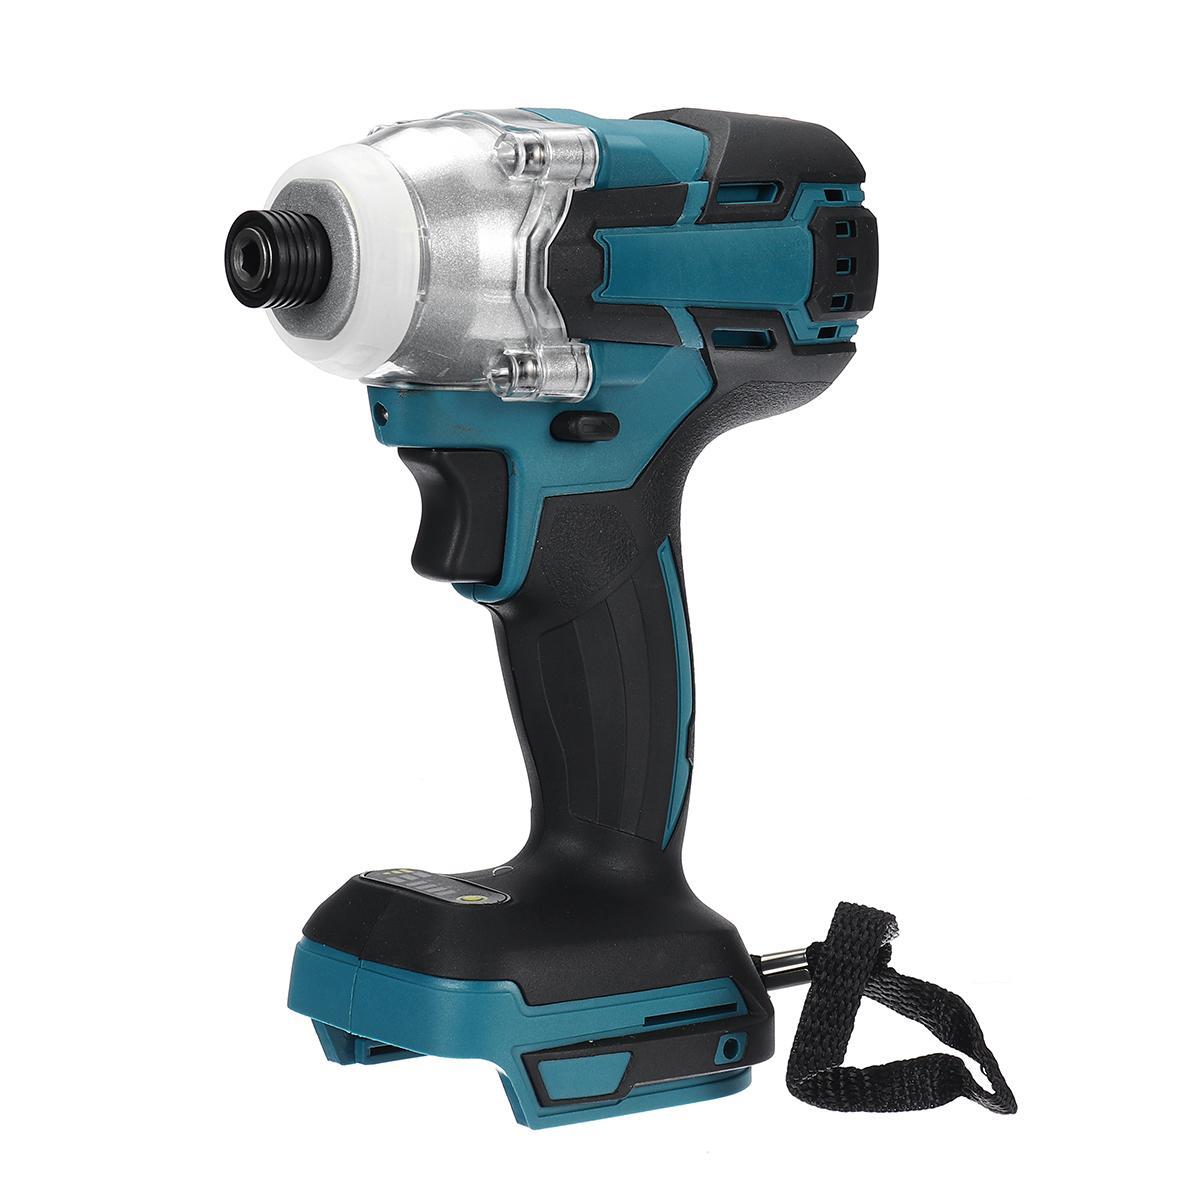 18V 520 N. m Akkuschrauber Geschwindigkeit Bürstenlosen Schlagschrauber Rechargable Bohrer Fahrer + LED Licht Für Makita Batterie